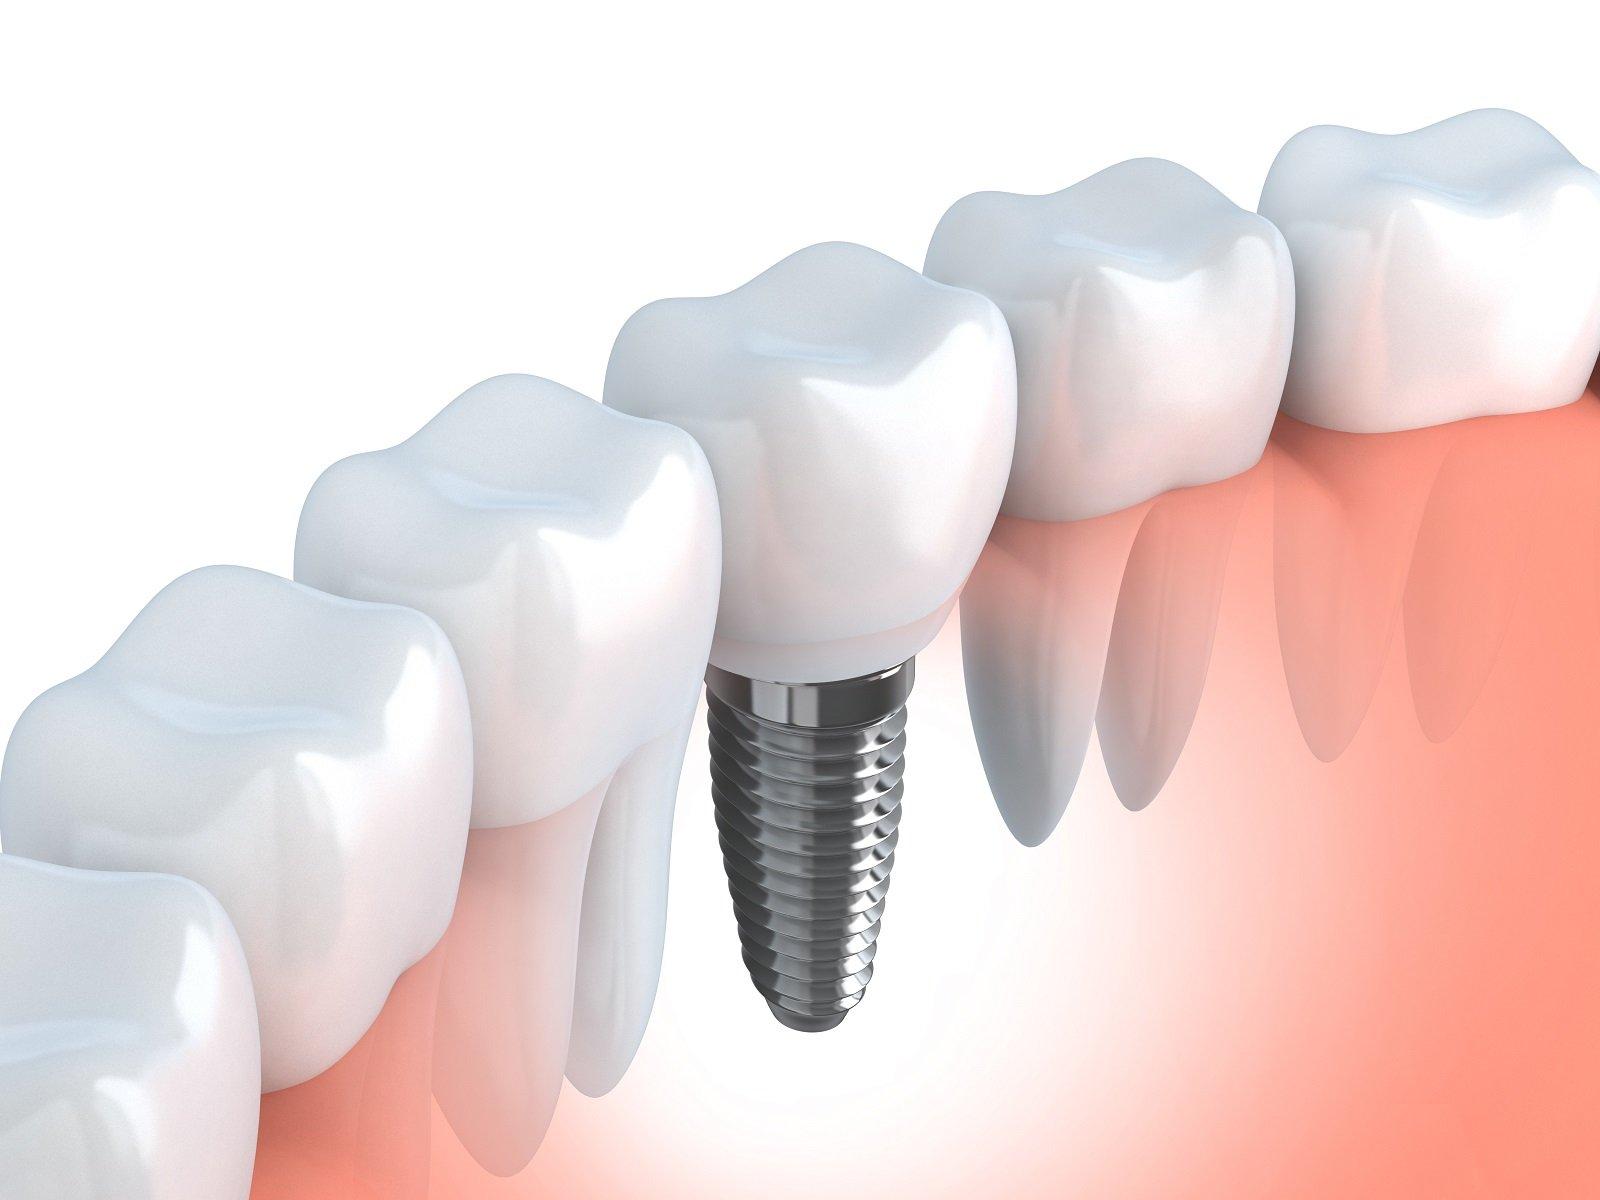 Ricostruzione grafica di protesi dentale